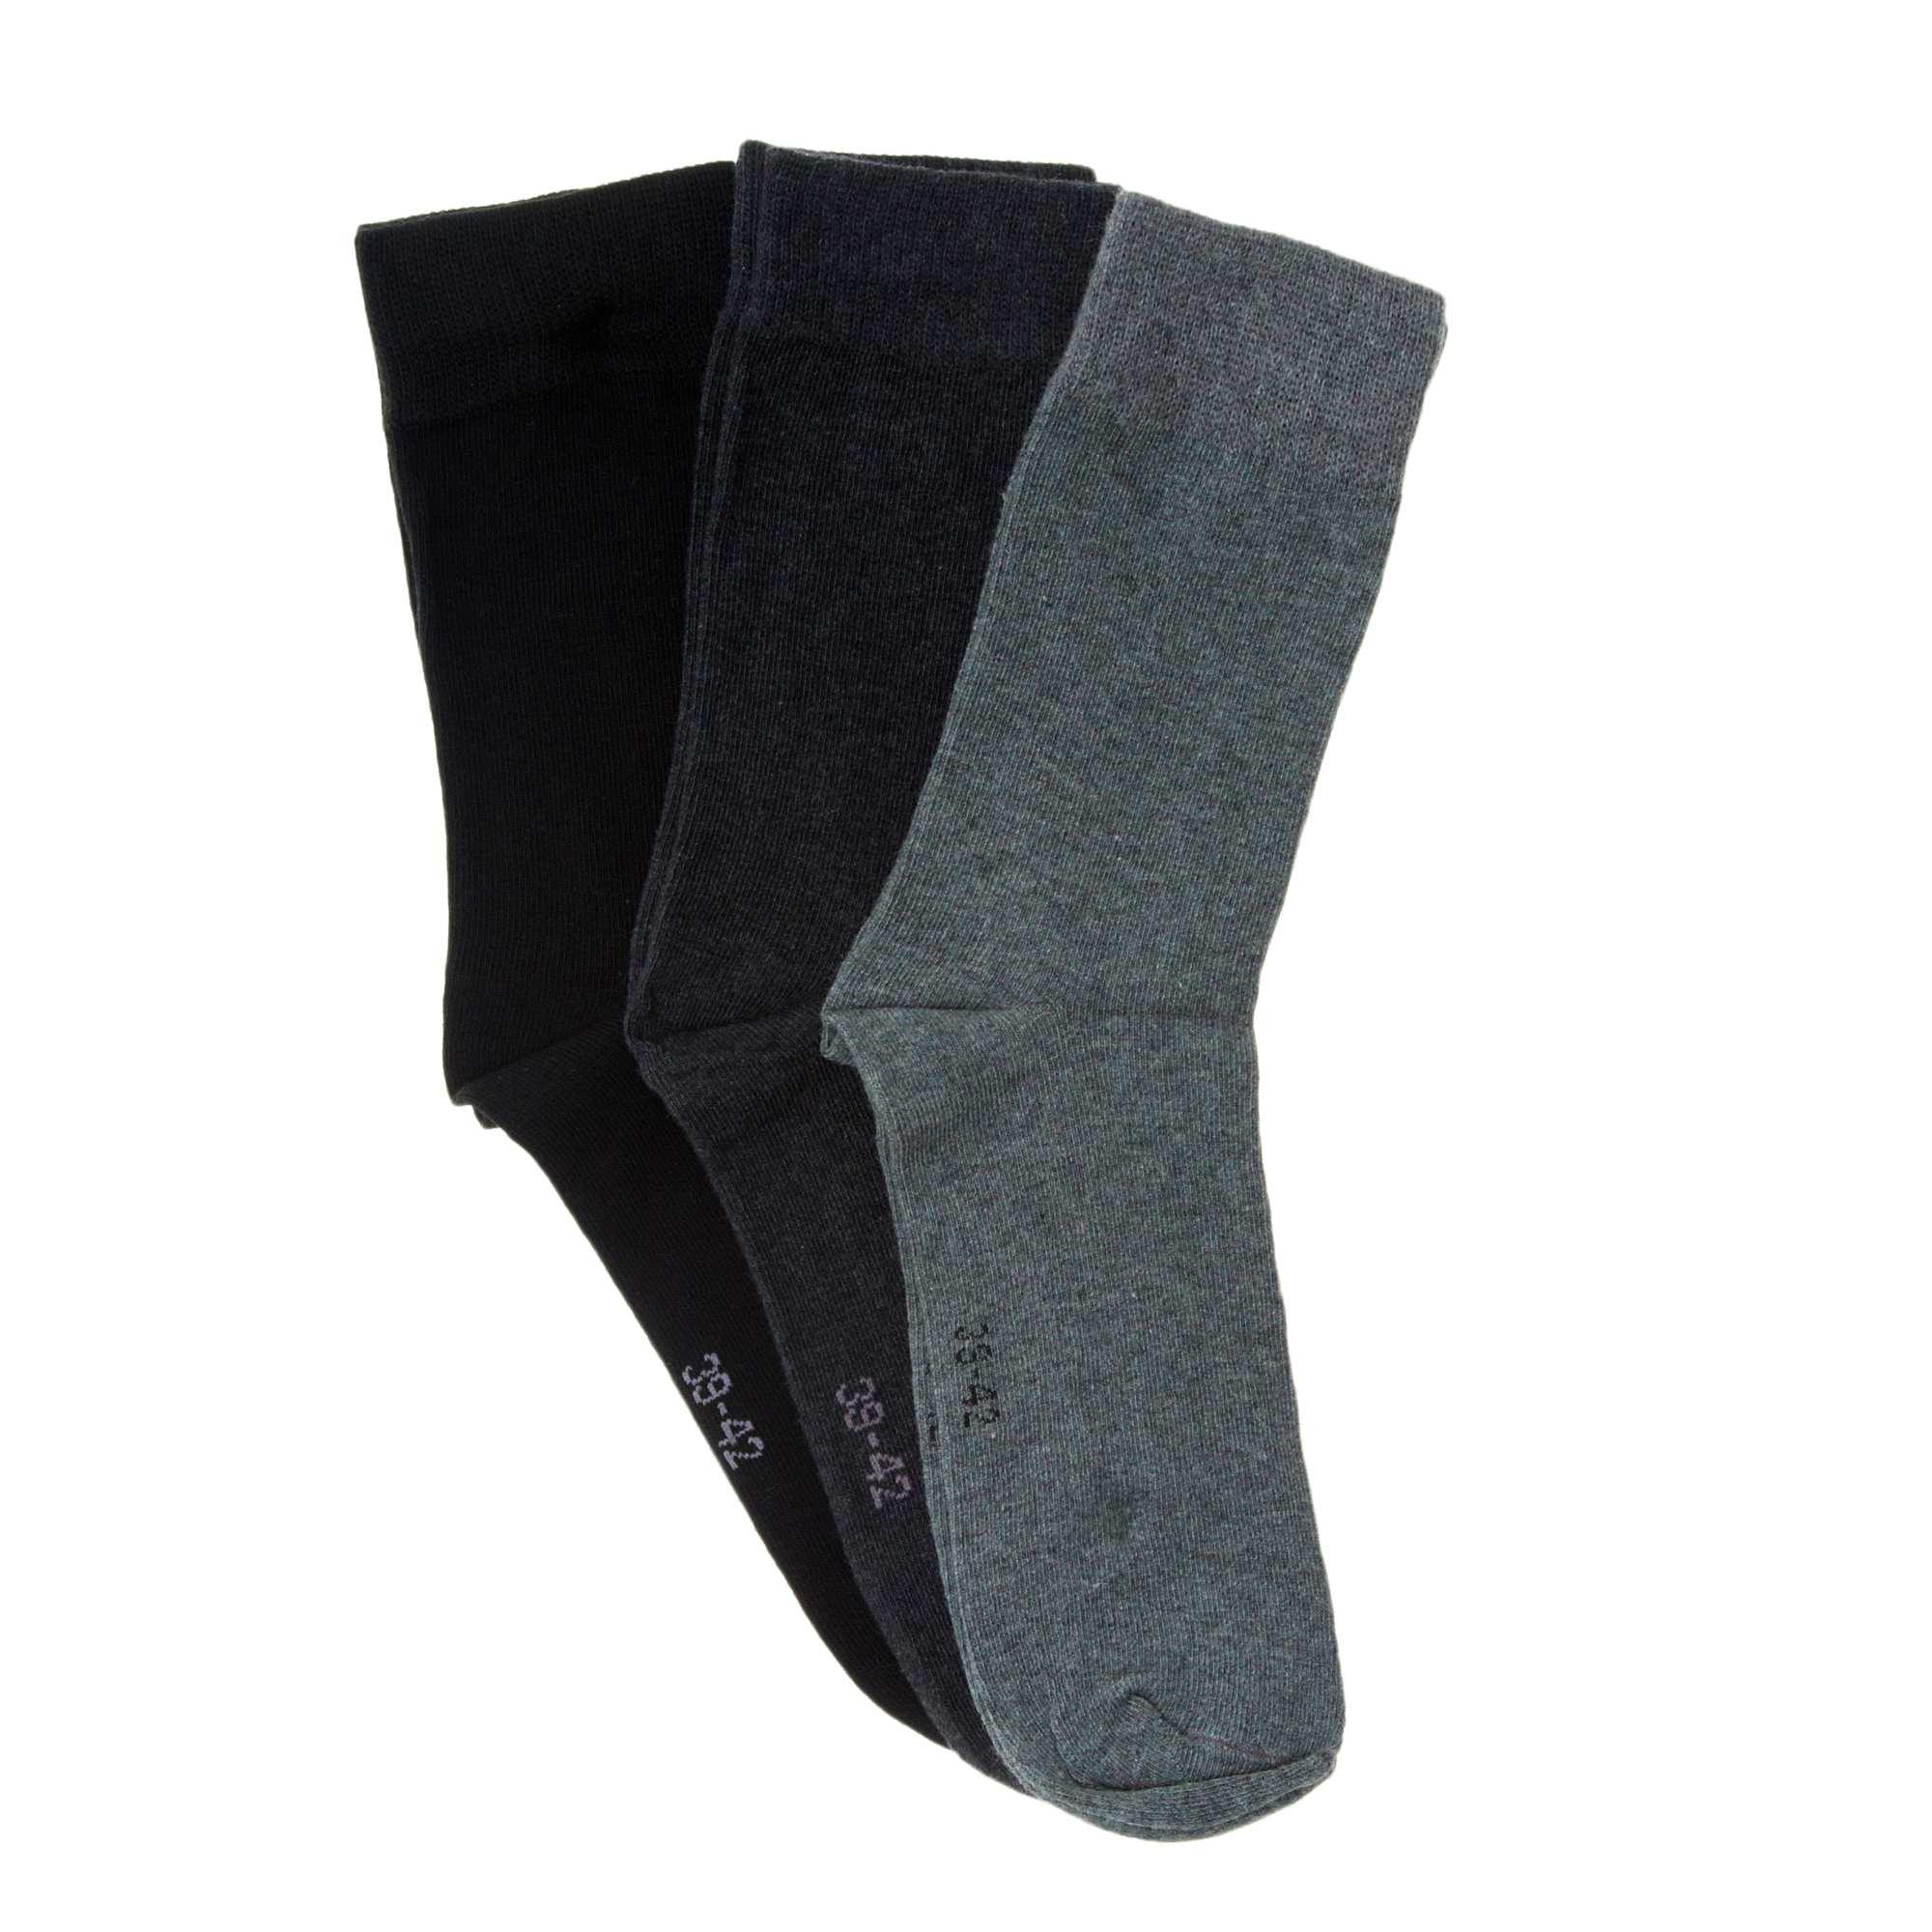 lot de 3 paires de chaussettes homme noir gris kiabi. Black Bedroom Furniture Sets. Home Design Ideas